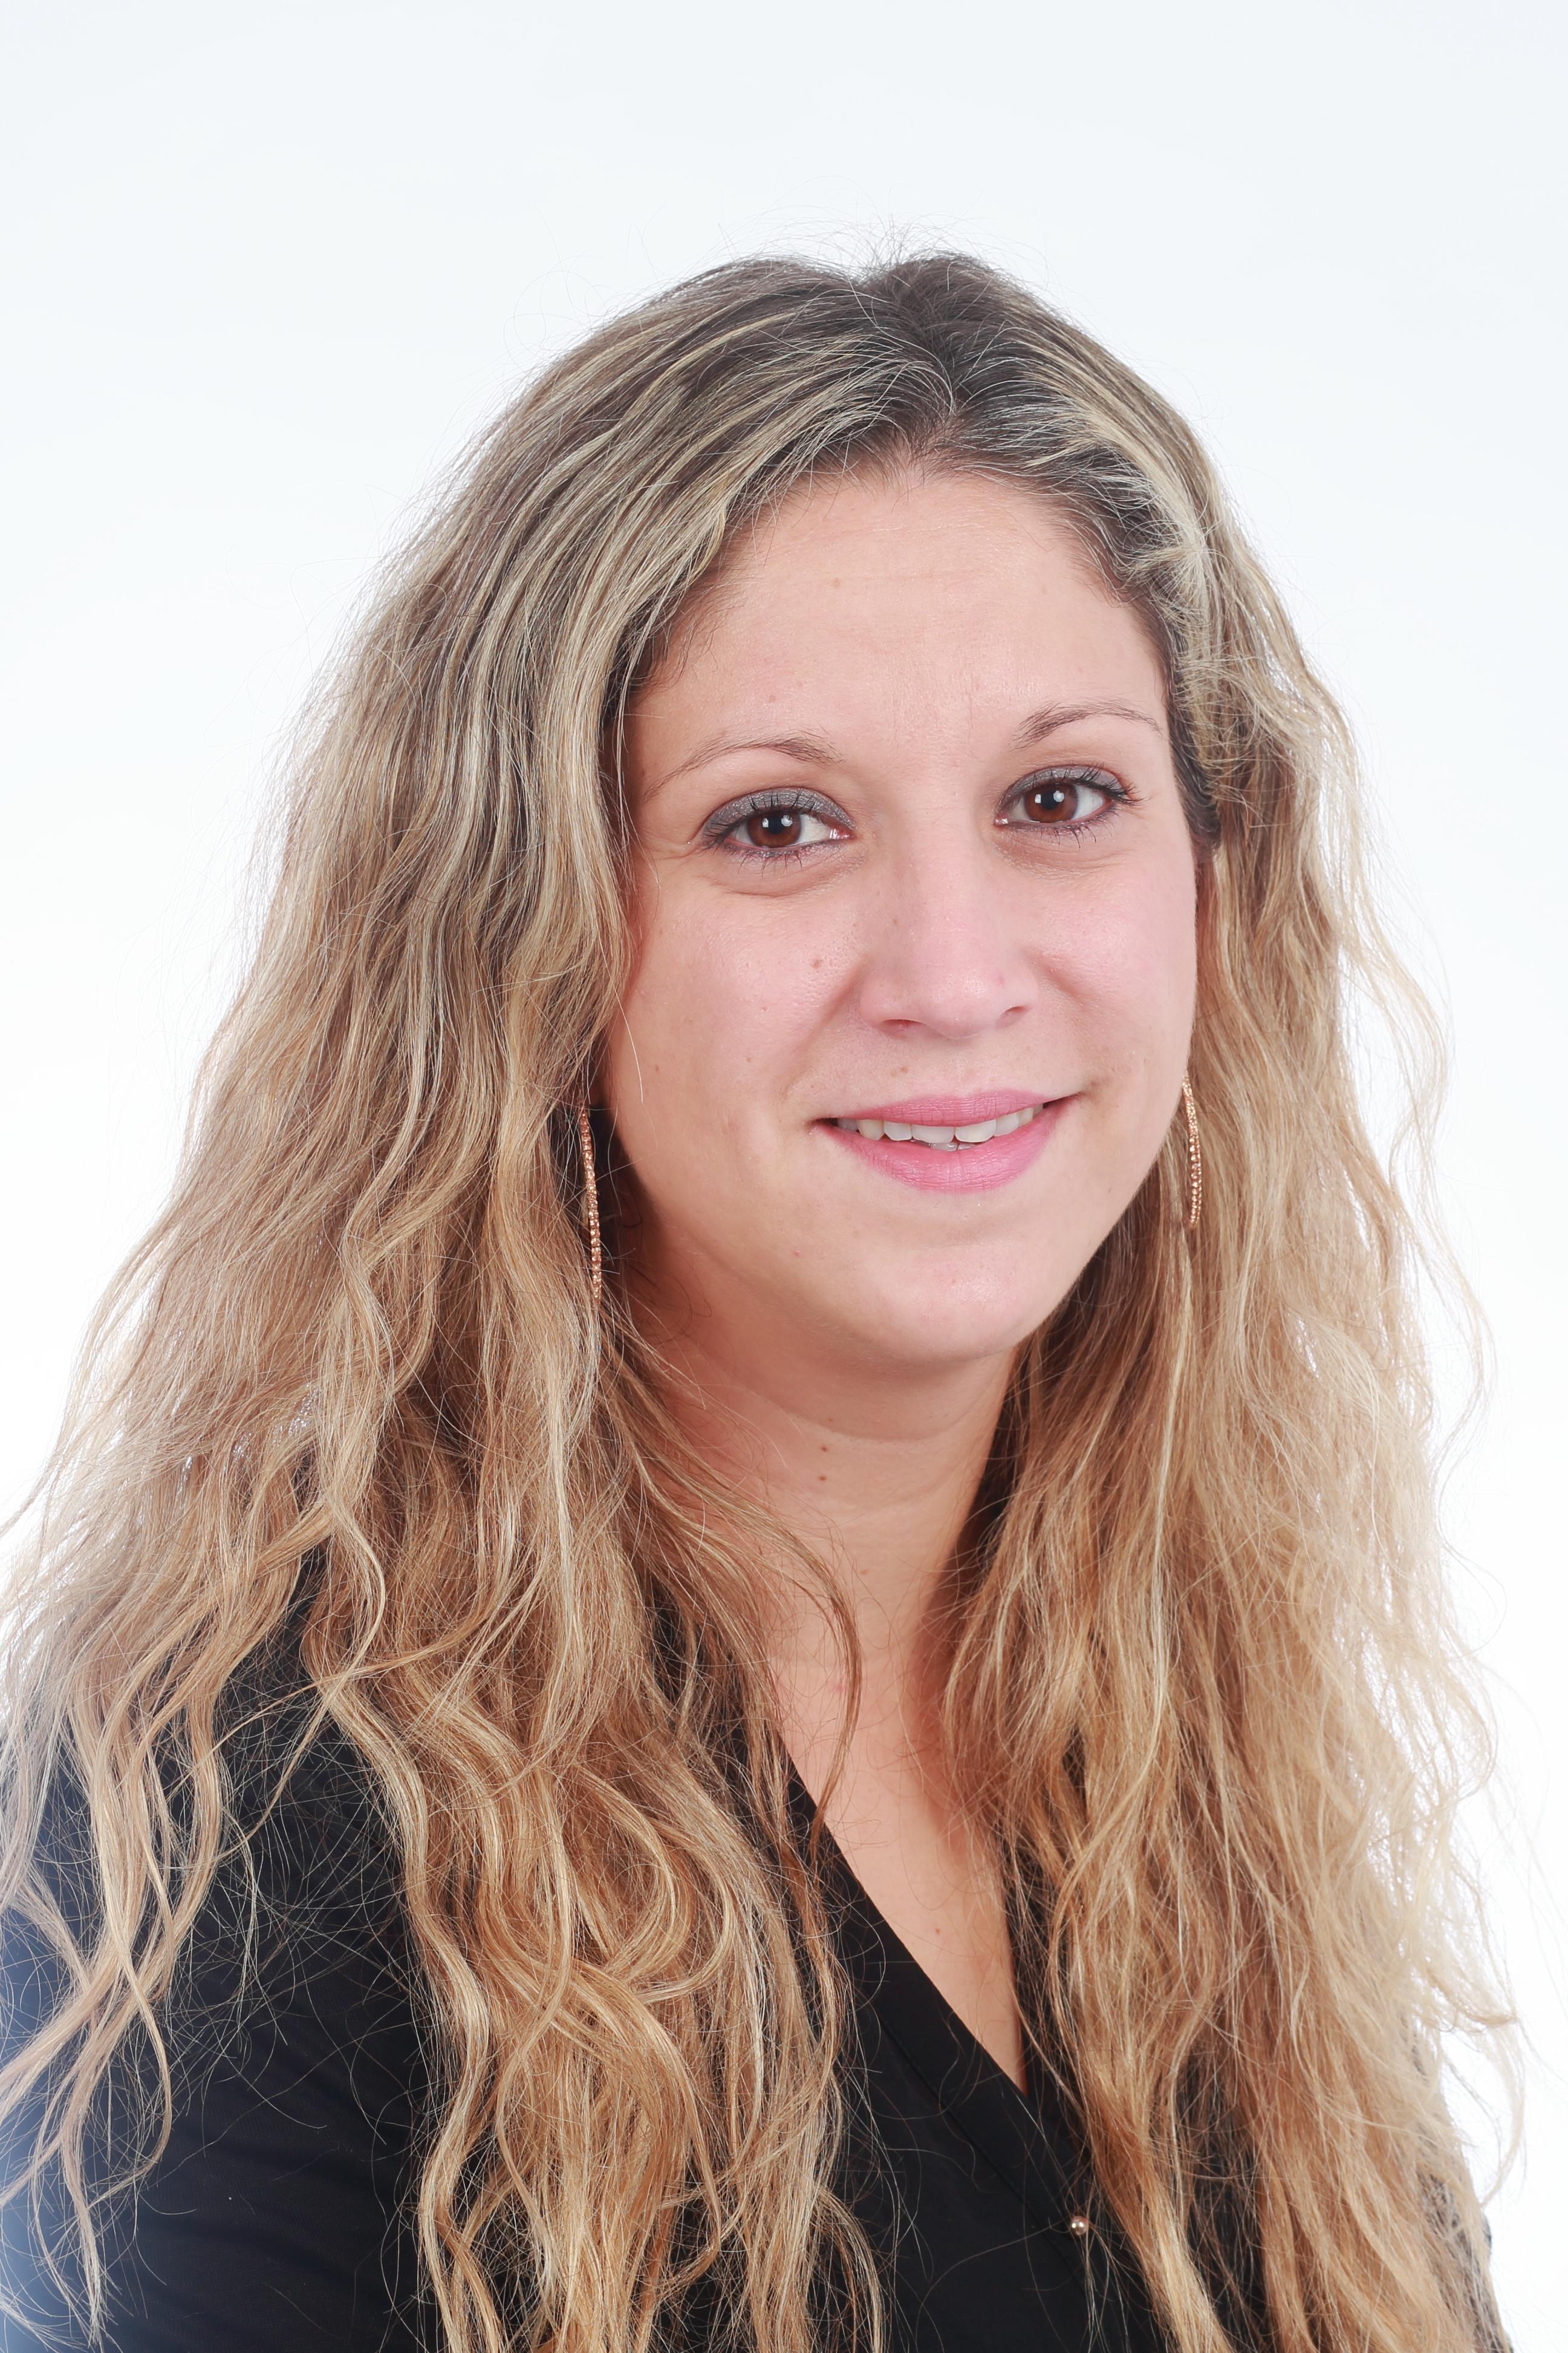 Alicia Duran Riera